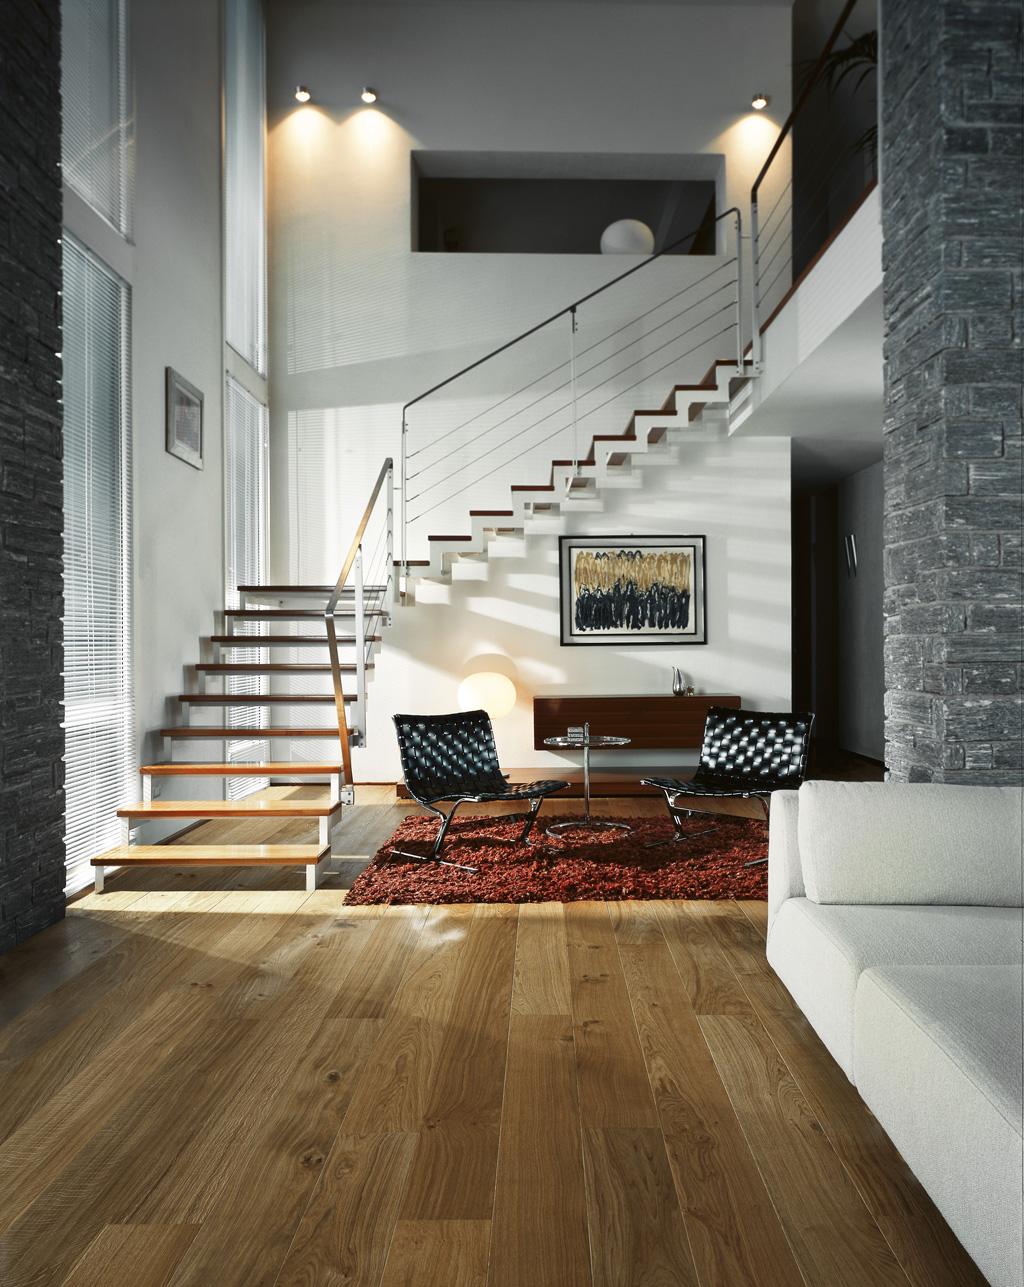 Как выбрать напольное покрытие: лучшие решения, фото и цены напольных покрытий для квартиры